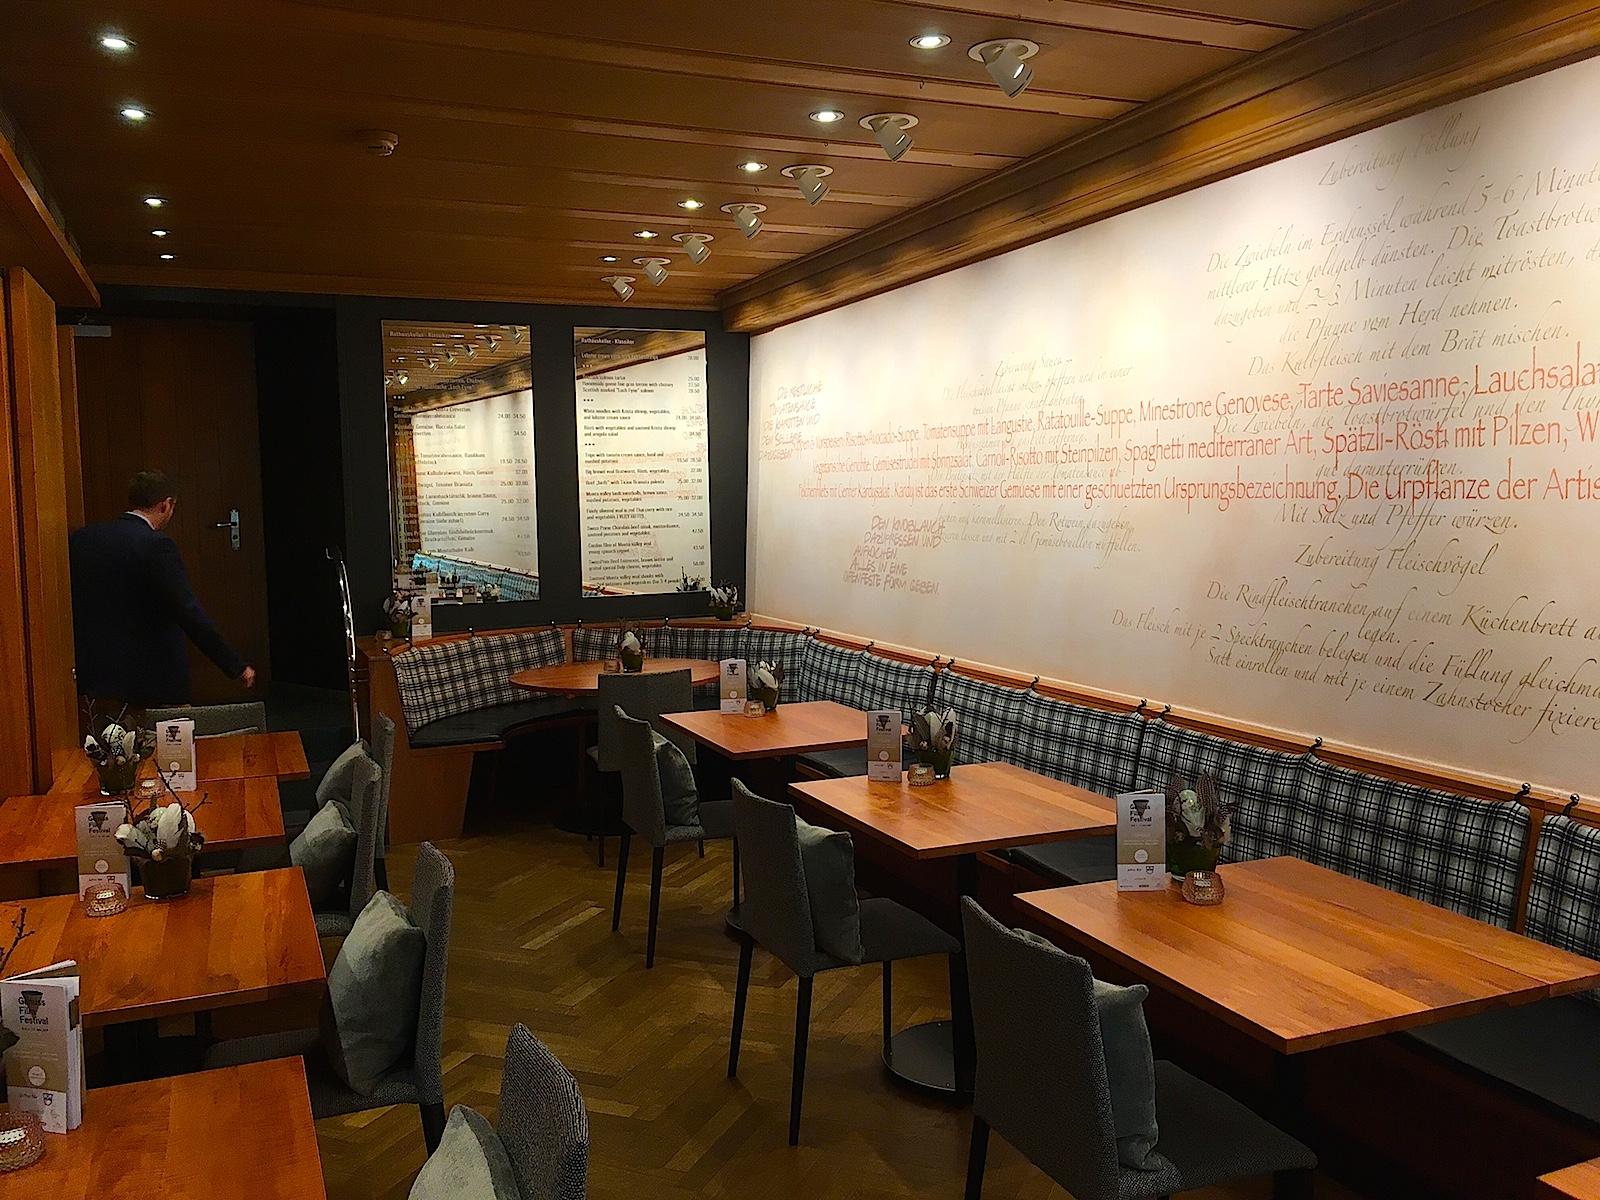 Das Bistro im Erdgeschoss. Die Gerichte sind auf dem Spiegel im Hintergrund angeschrieben.